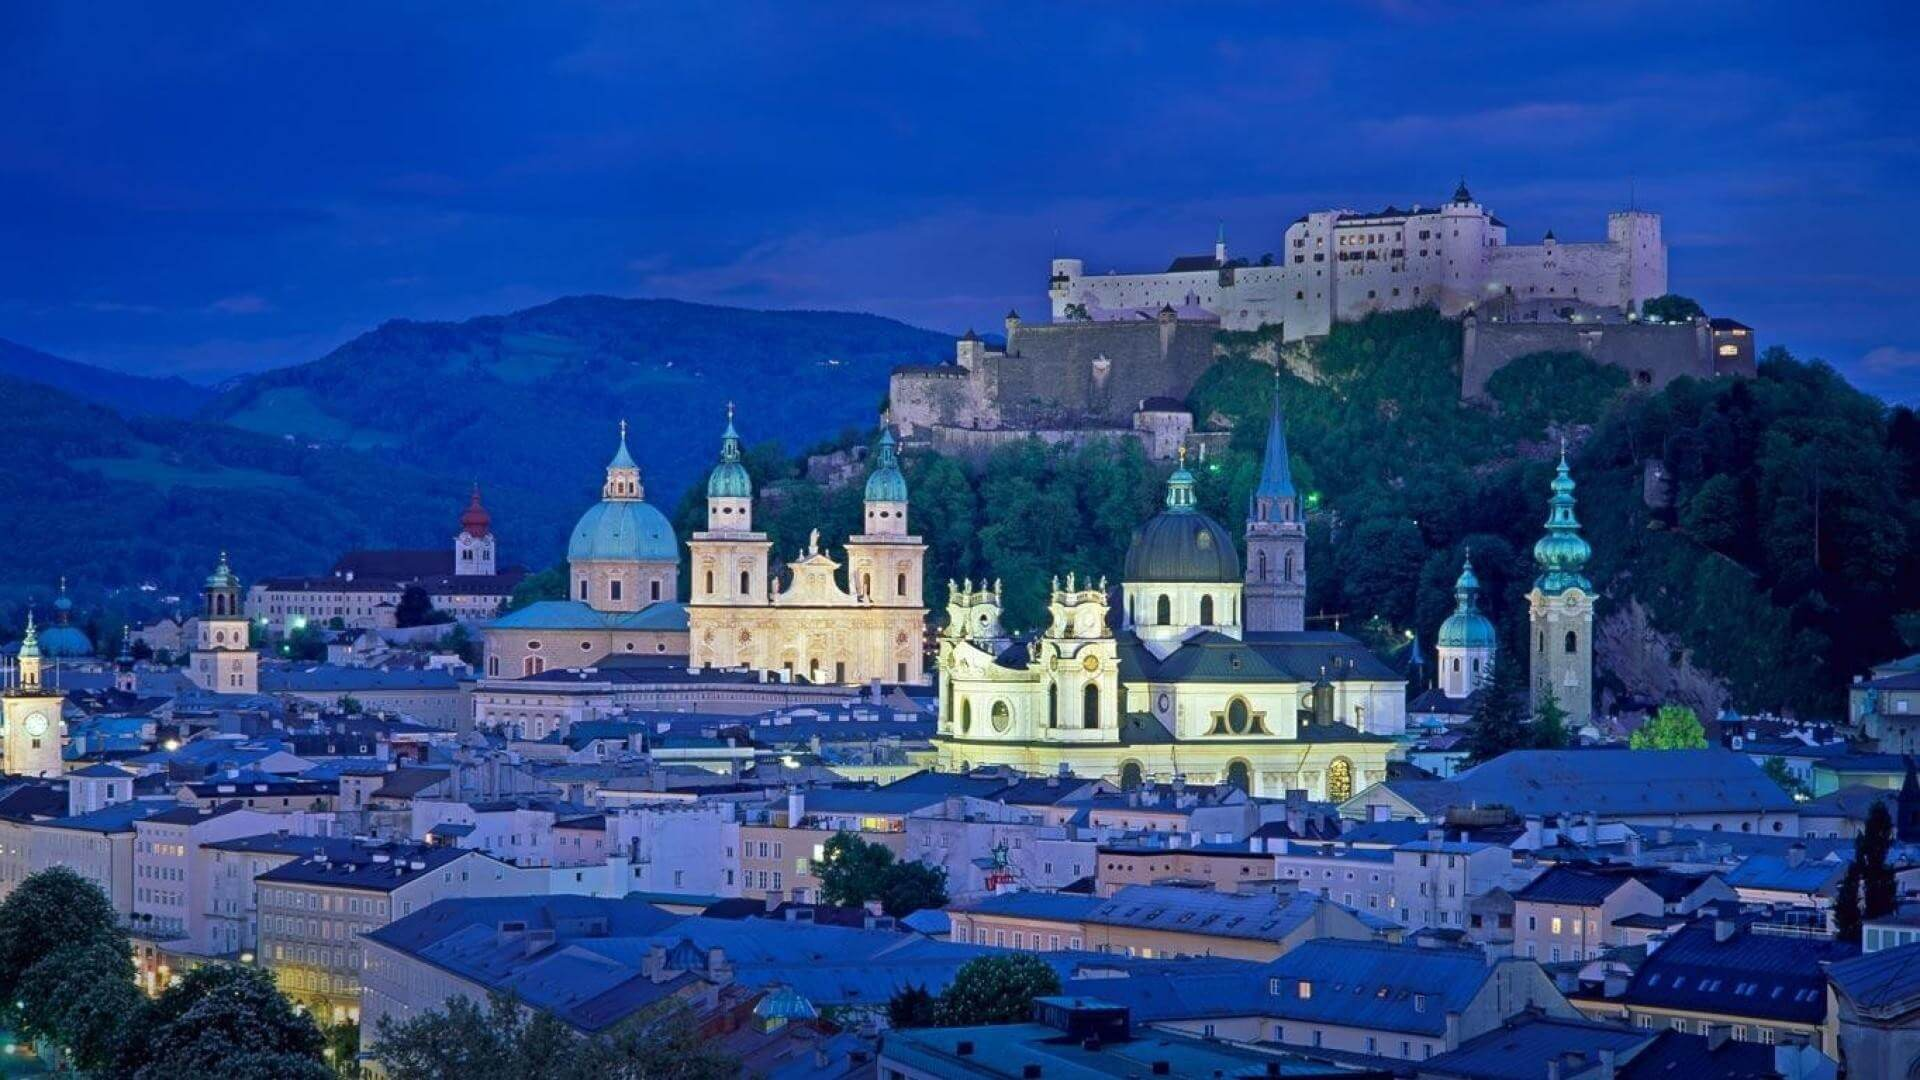 Cheap flights to Salzburg